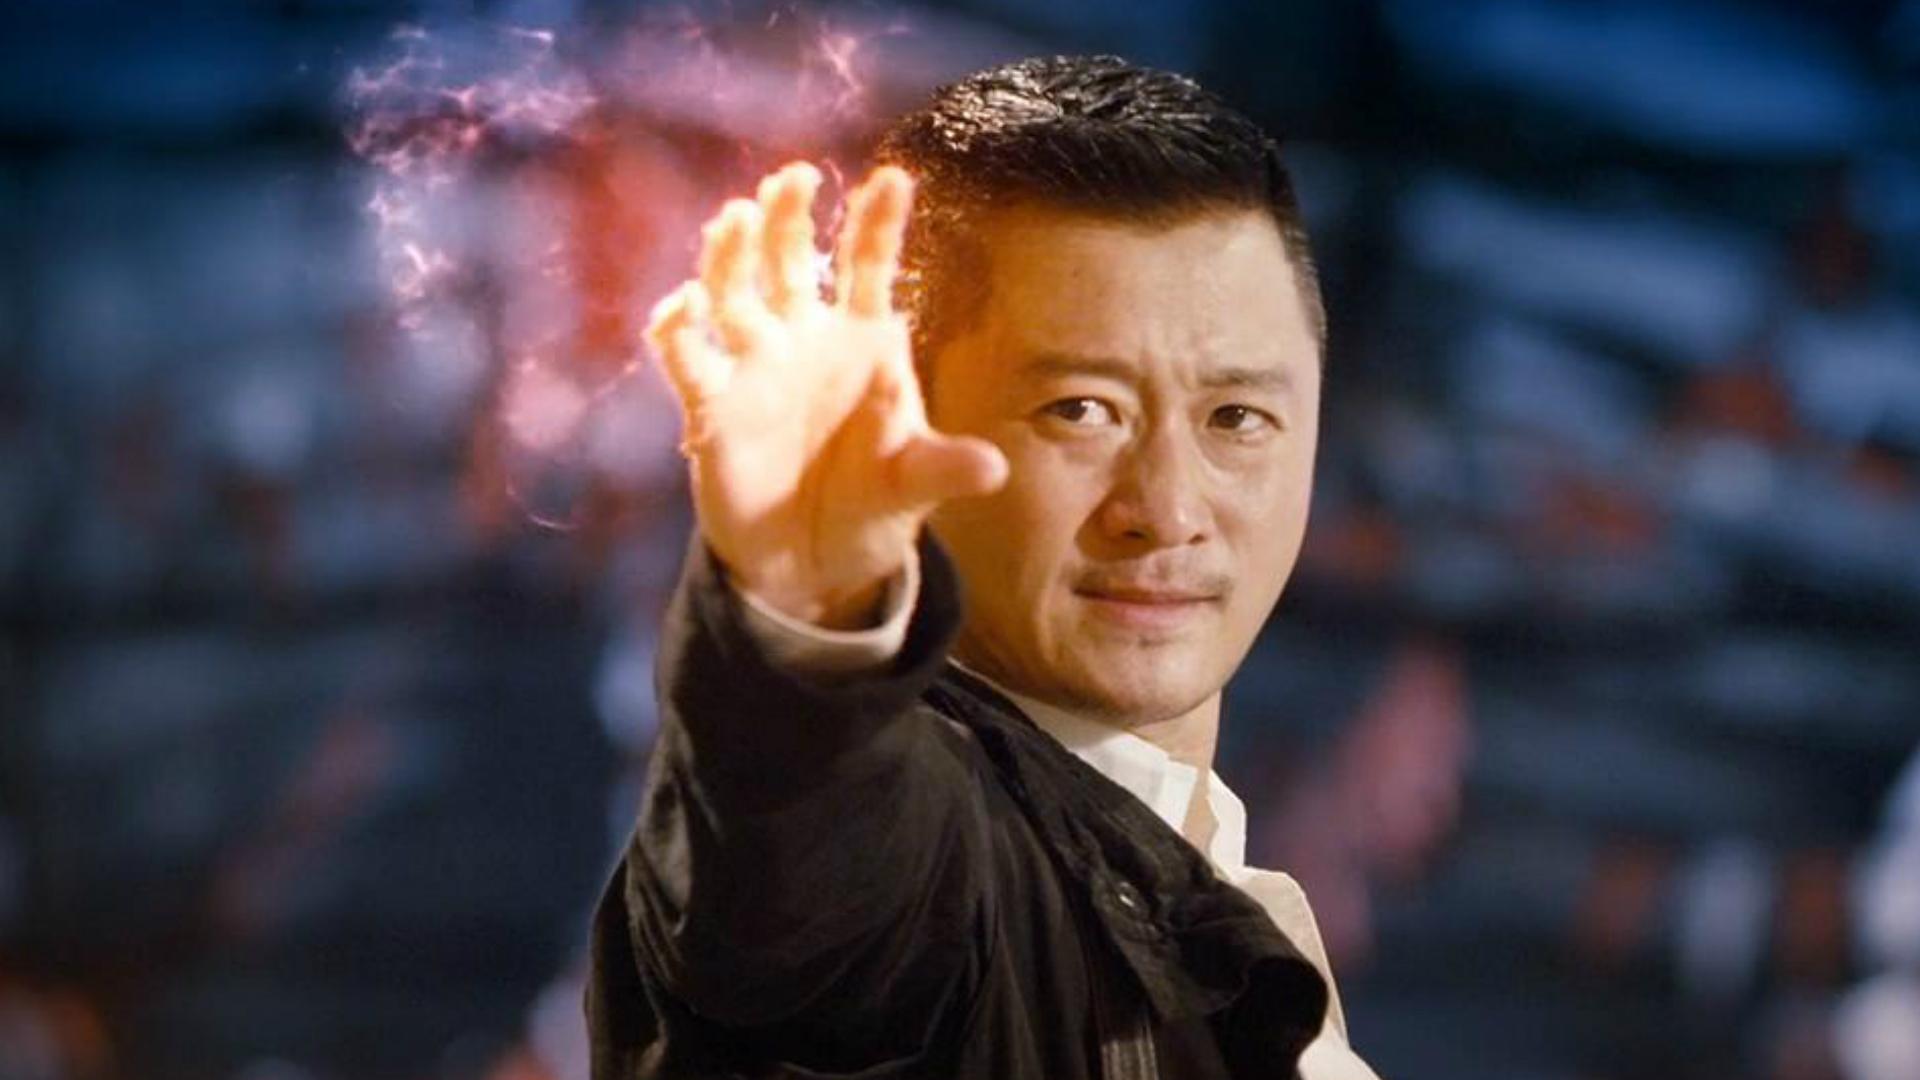 #经典看电影#小伙拥有火元素超能力,可以随意控制火焰!一部奇幻冒险电影